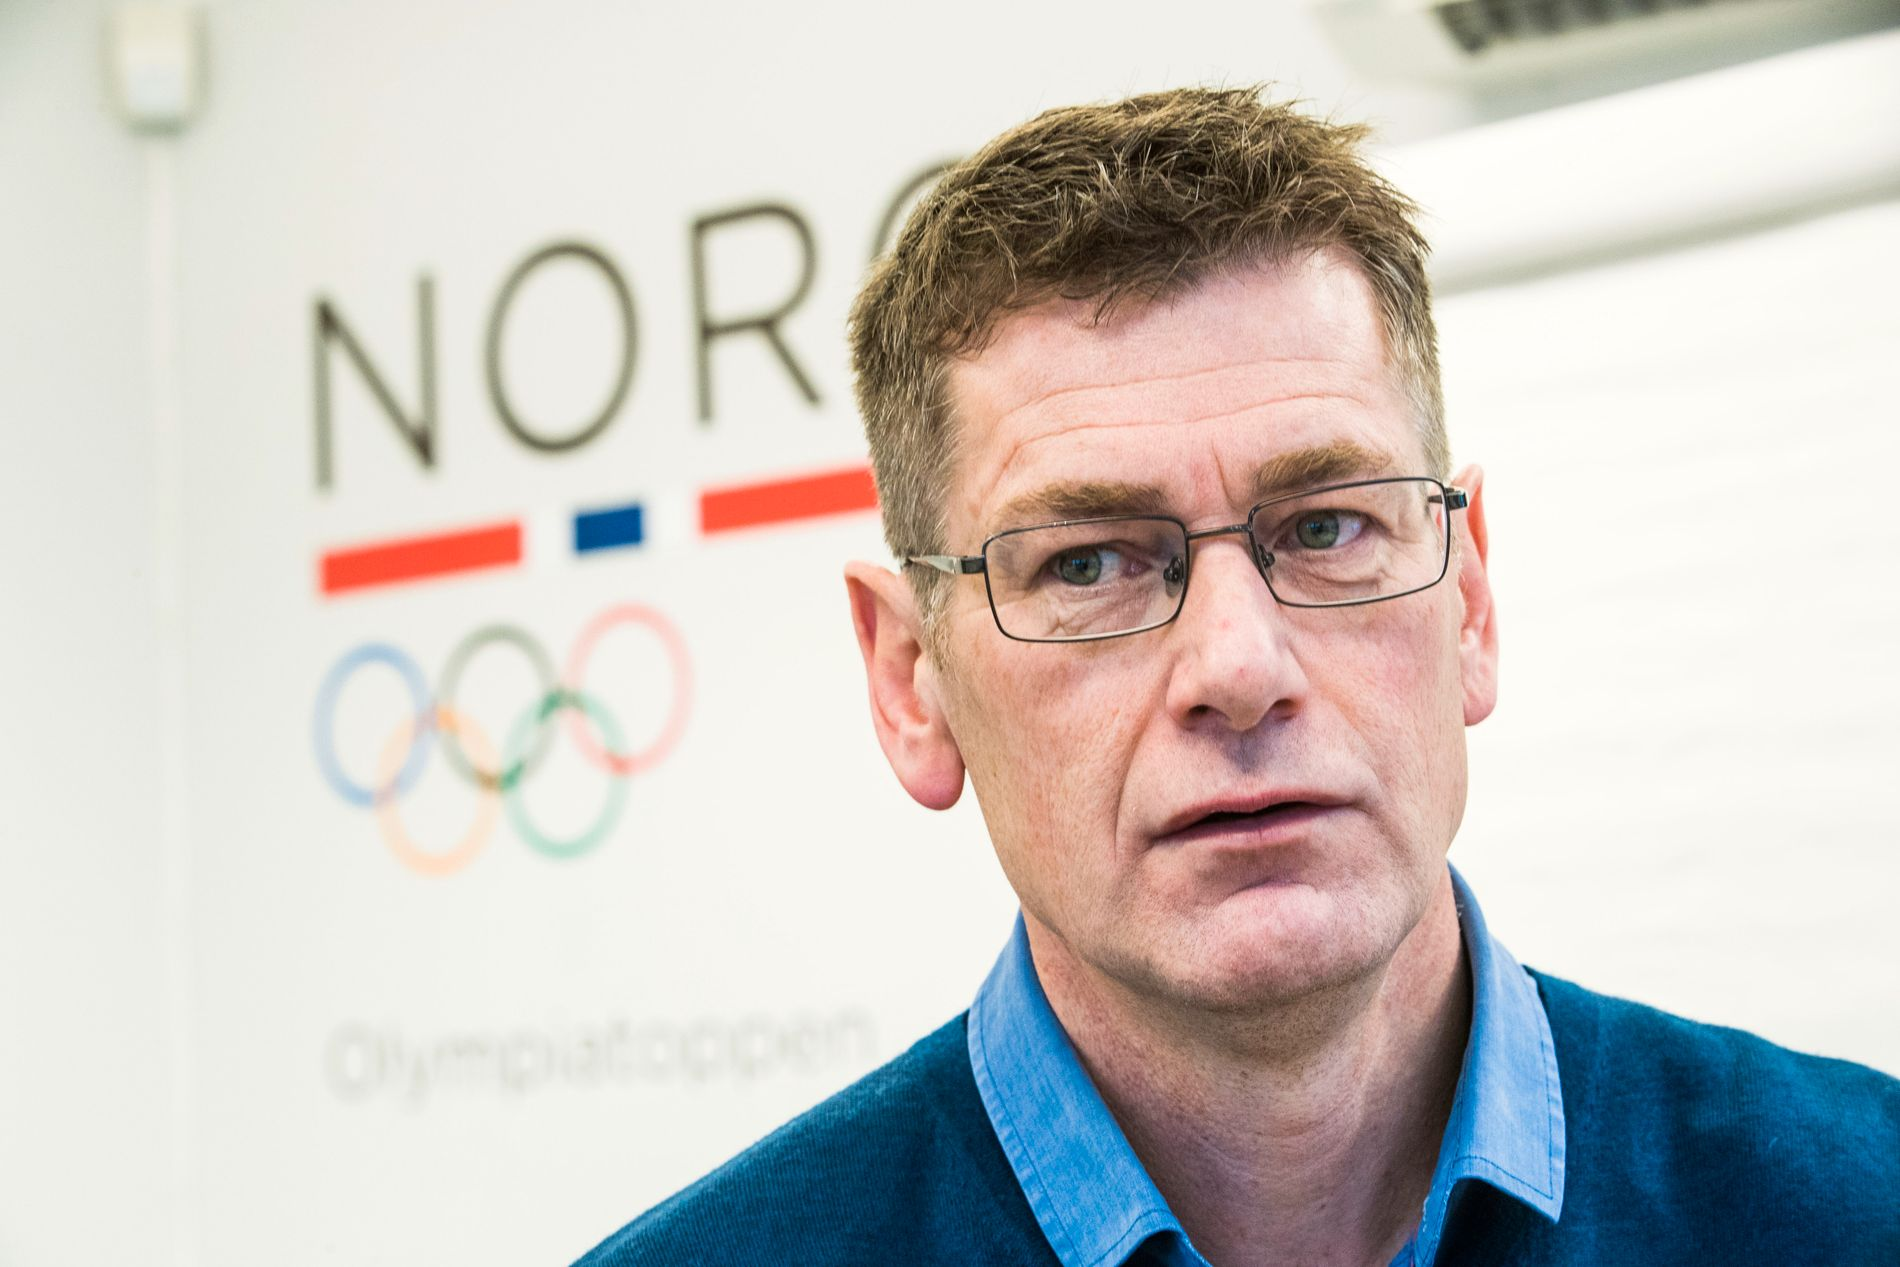 KRITISK: Sammen med Roald Bahr og Mona Kjeldsberg, sjefleger ved Olympiatoppen, retter toppidrettssjef Tore Øvrebø en lang pekefinger mot NRK.